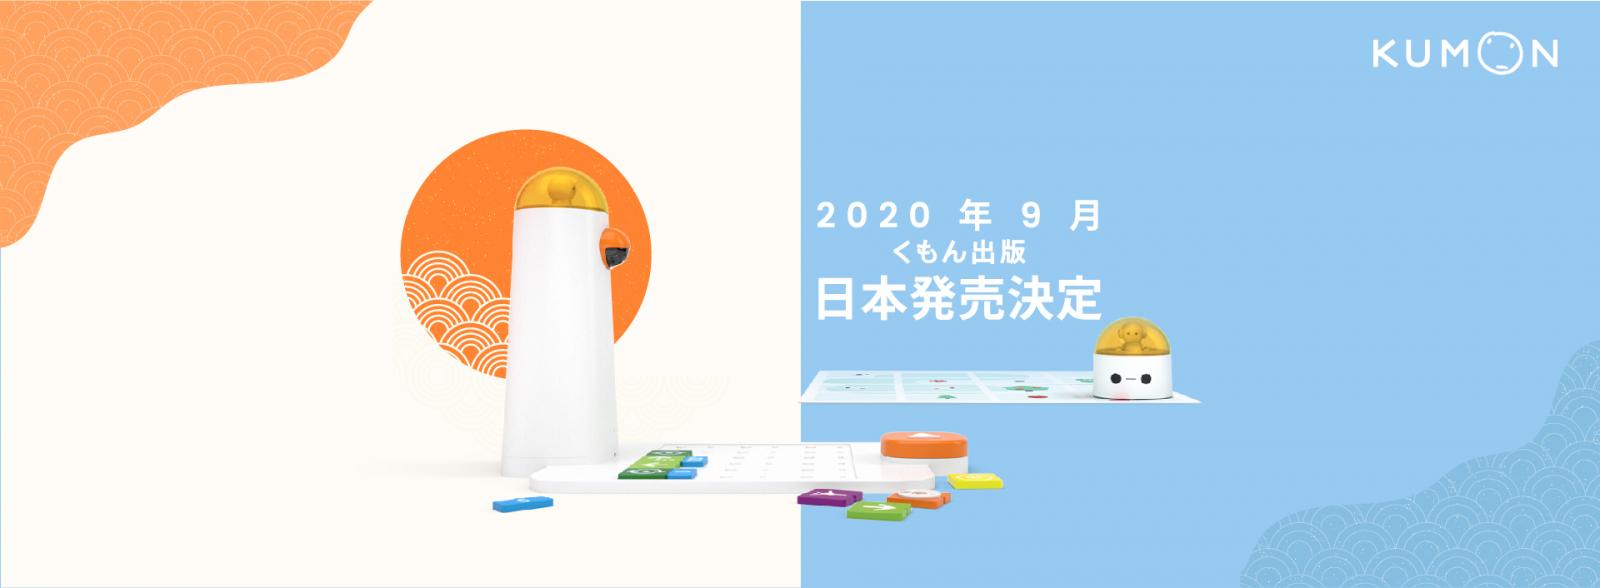 マタタロボ 2020年9月 くもん出版より日本発売決定